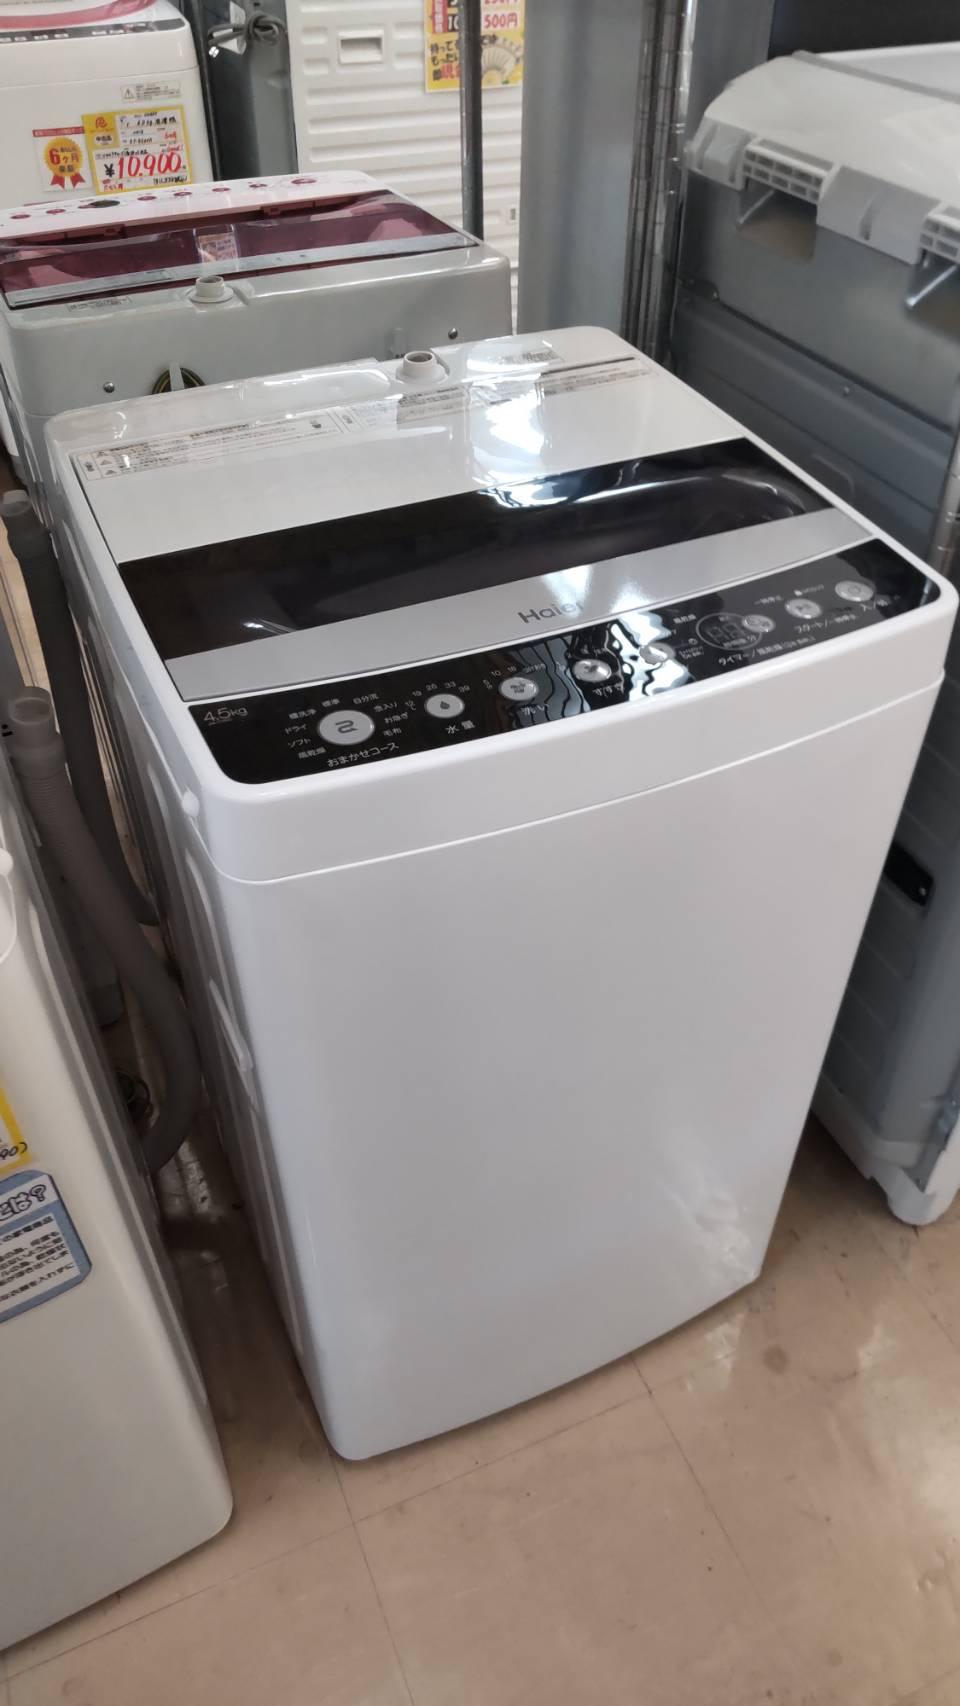 【⭐Haier ハイアール 4.5kg 洗濯機 JW-C45D 風乾燥 機能付き⭐】を買取りさせて頂きました! 福岡市 早良区のリサイクルショップ♪ 洗濯機 高価 買取中♪の買取-